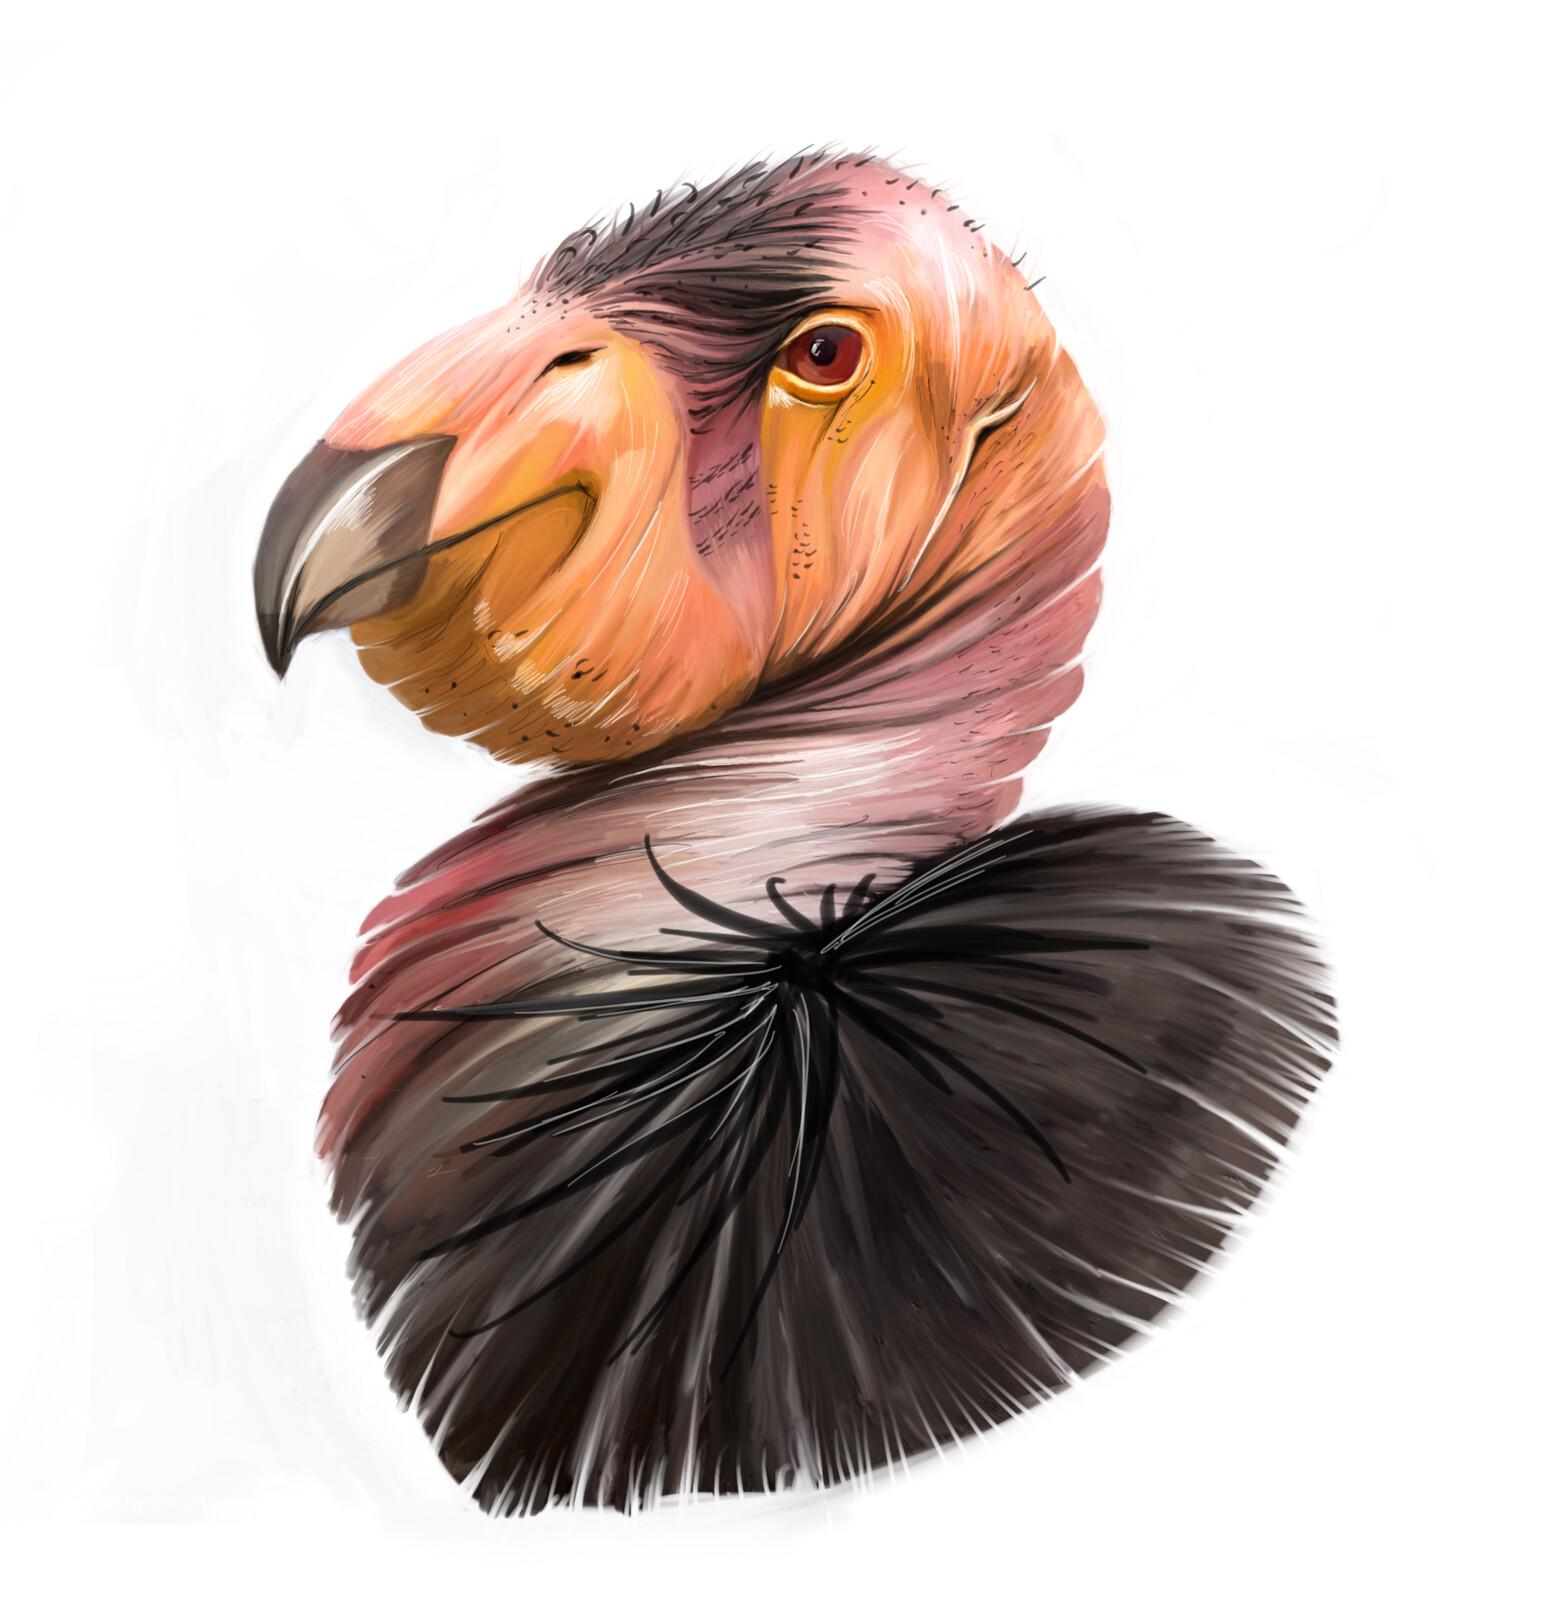 California Condor - Painting